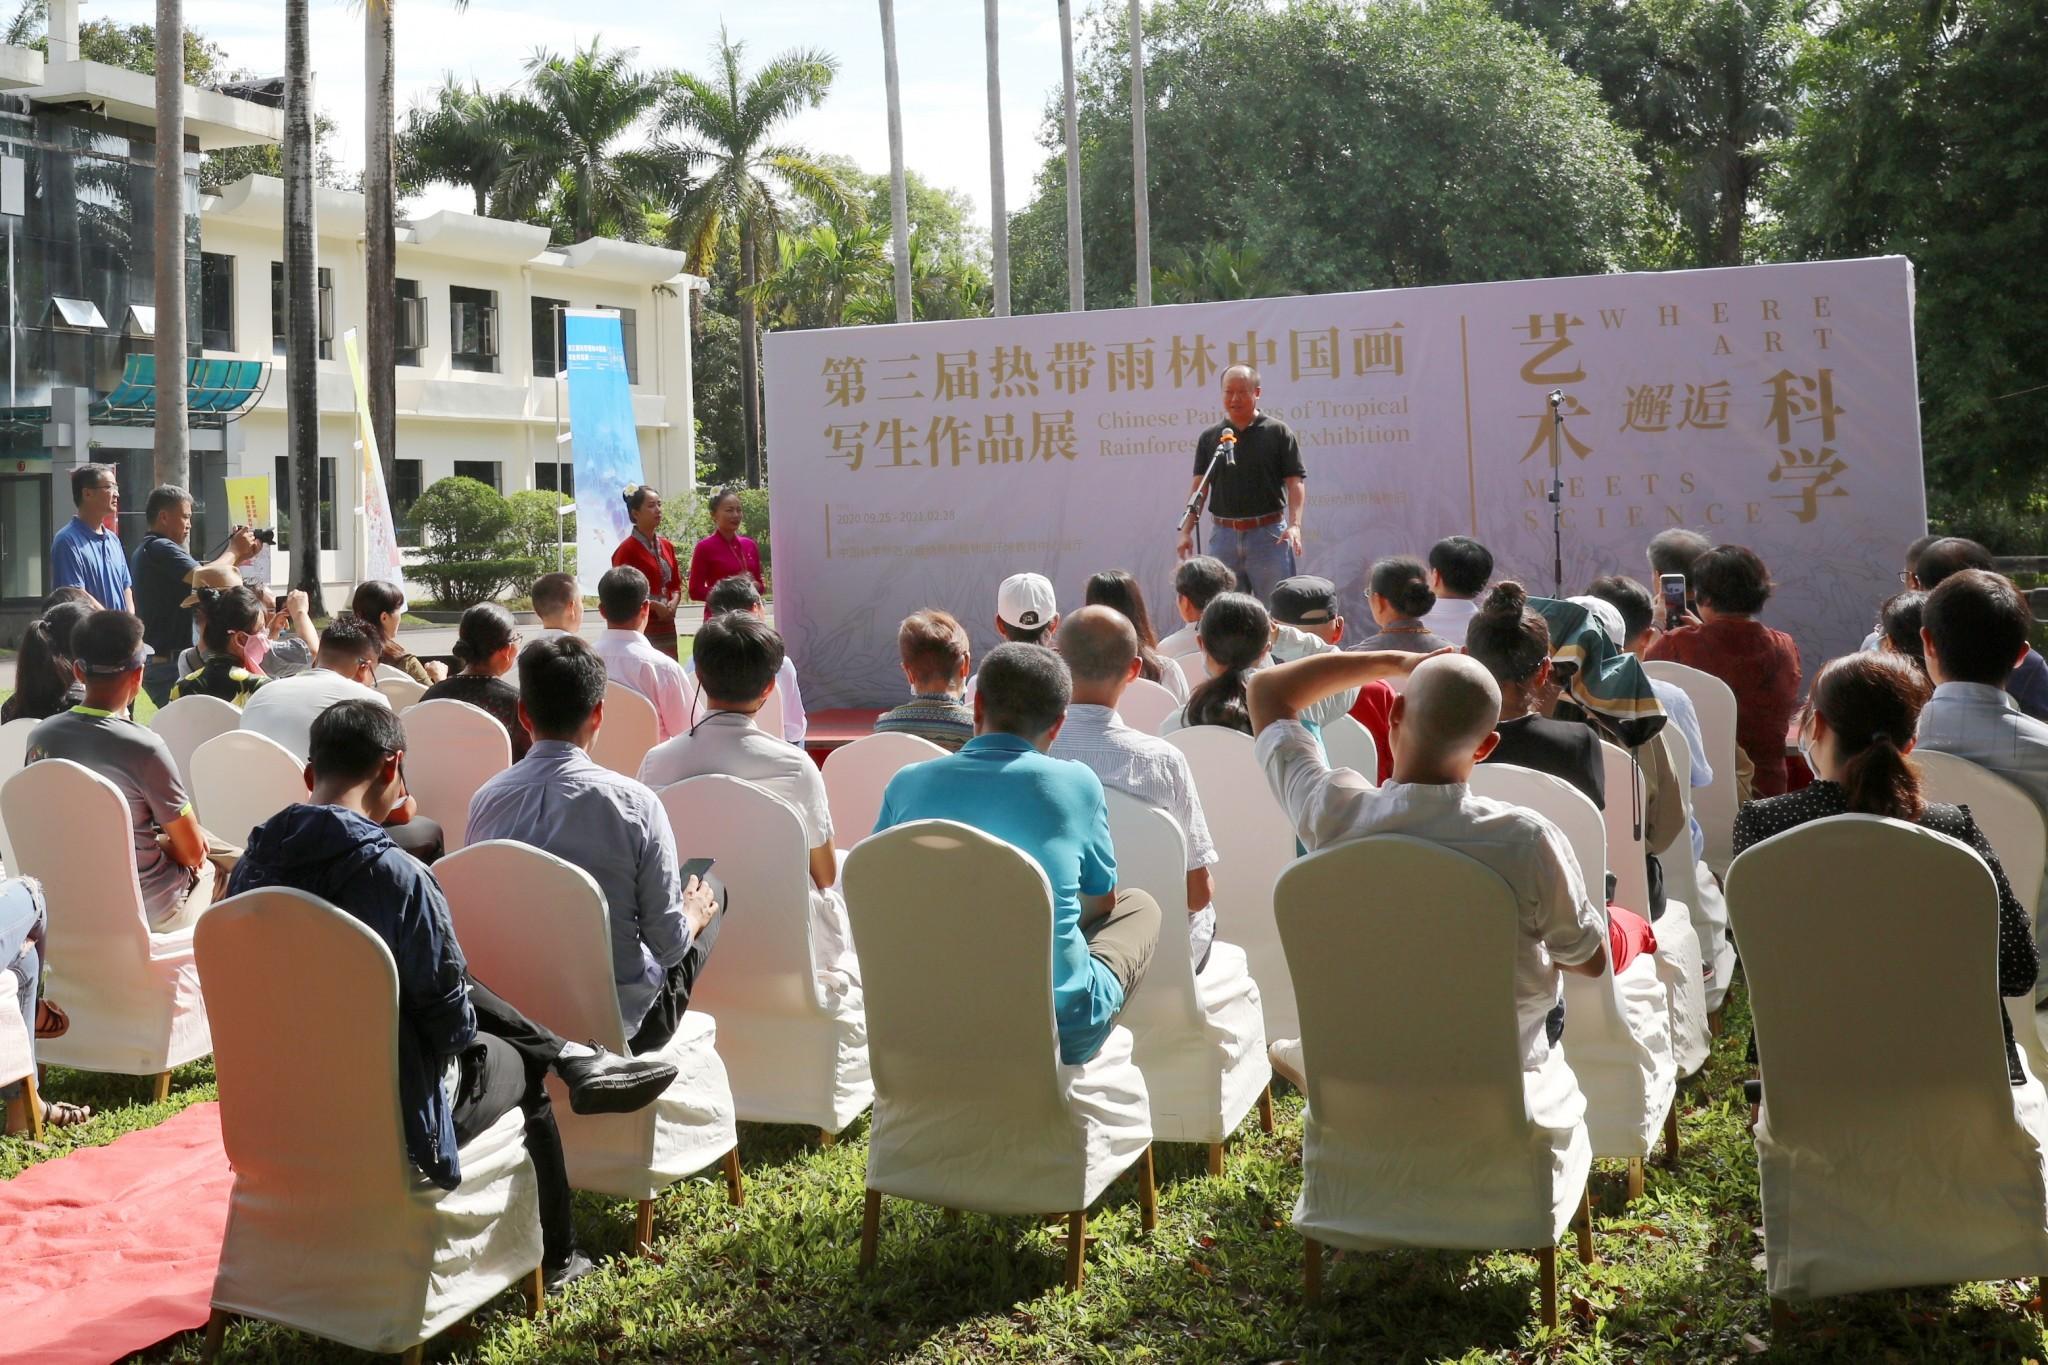 9月25日,第三届艺术邂逅科学——热带雨林中国画写生作品展开幕。西双版纳州美协副主席陈楠在开幕式上致辞。